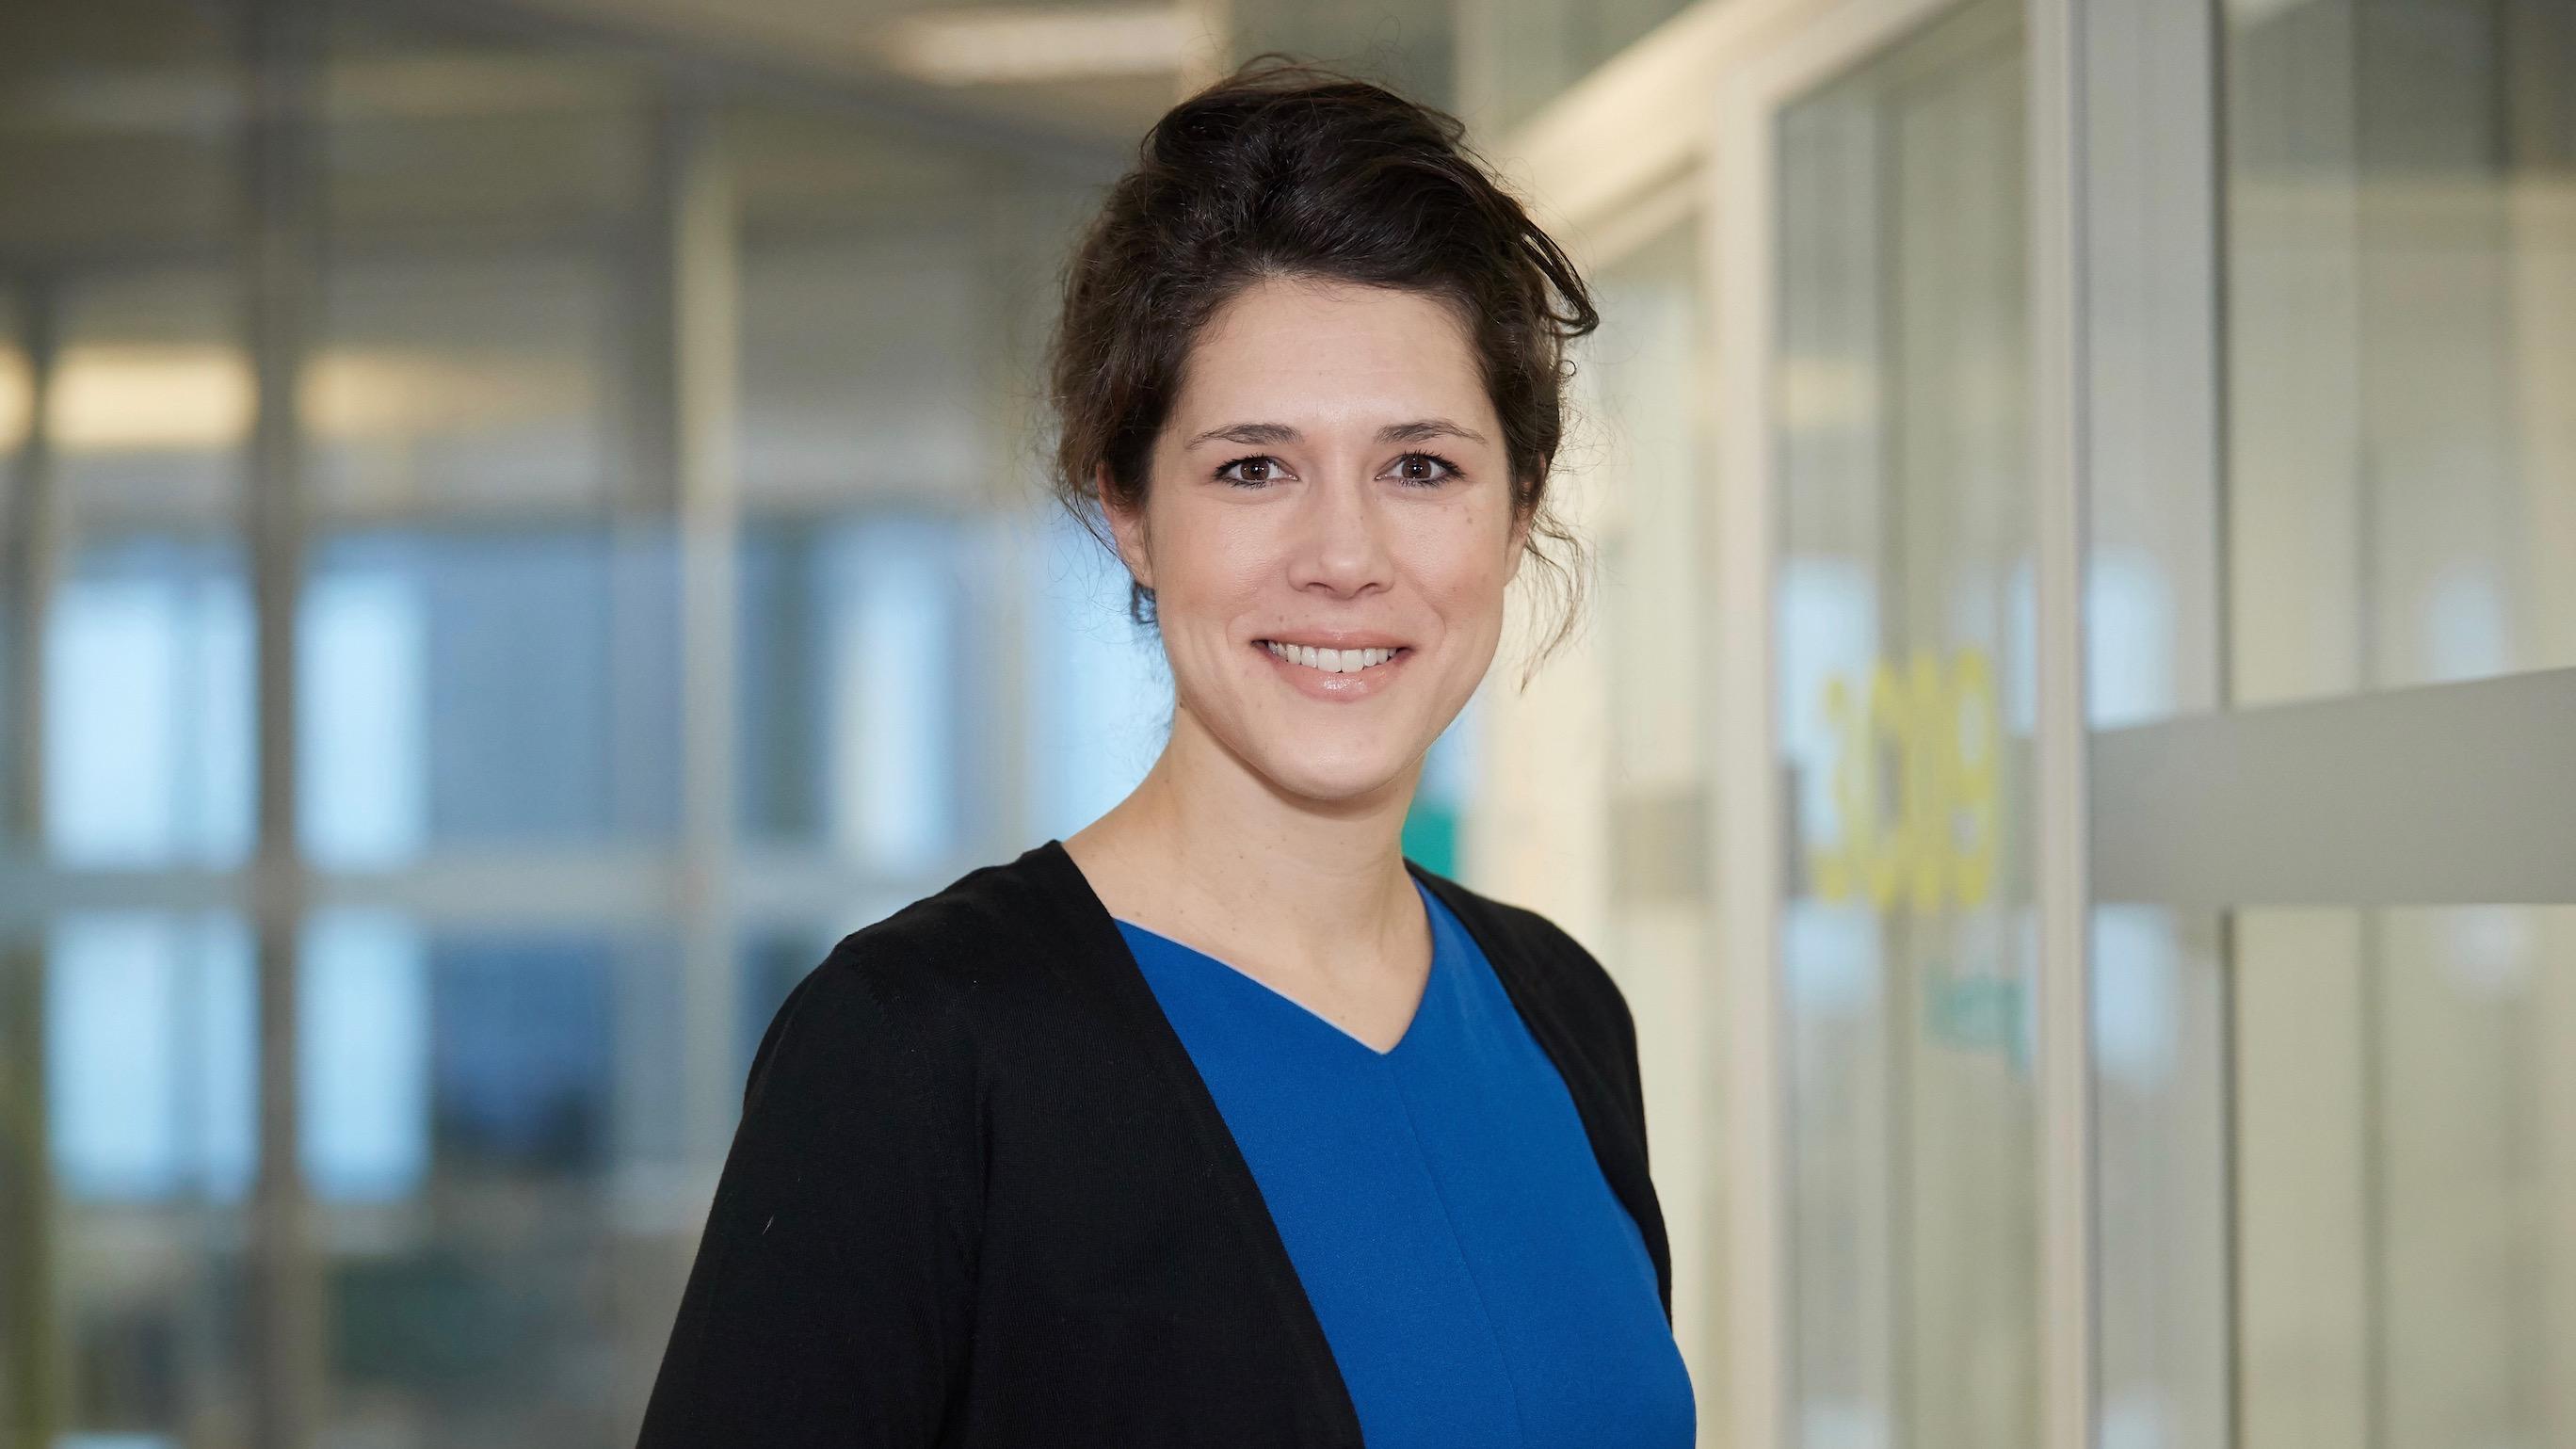 Katharina Hogh-Binder